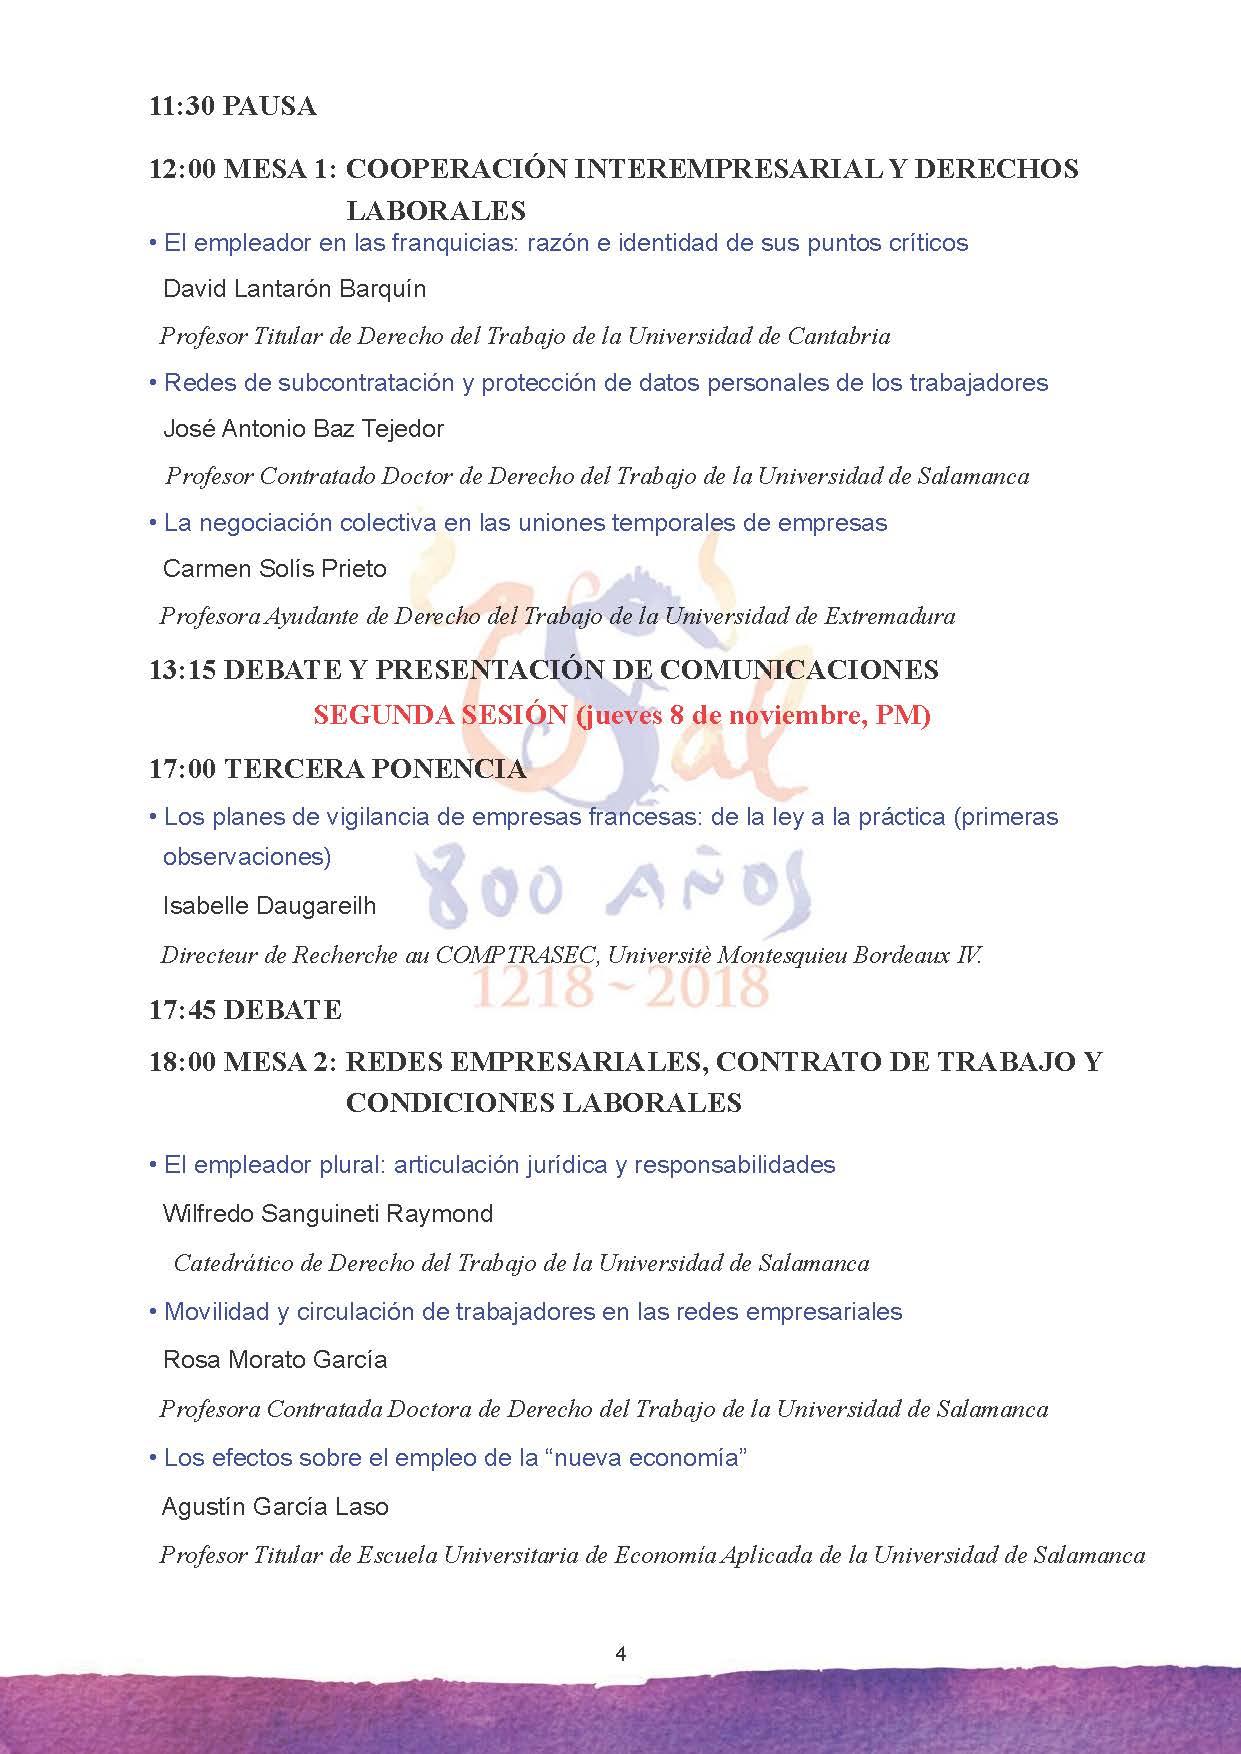 Trabajo decente | El blog de Wilfredo Sanguineti